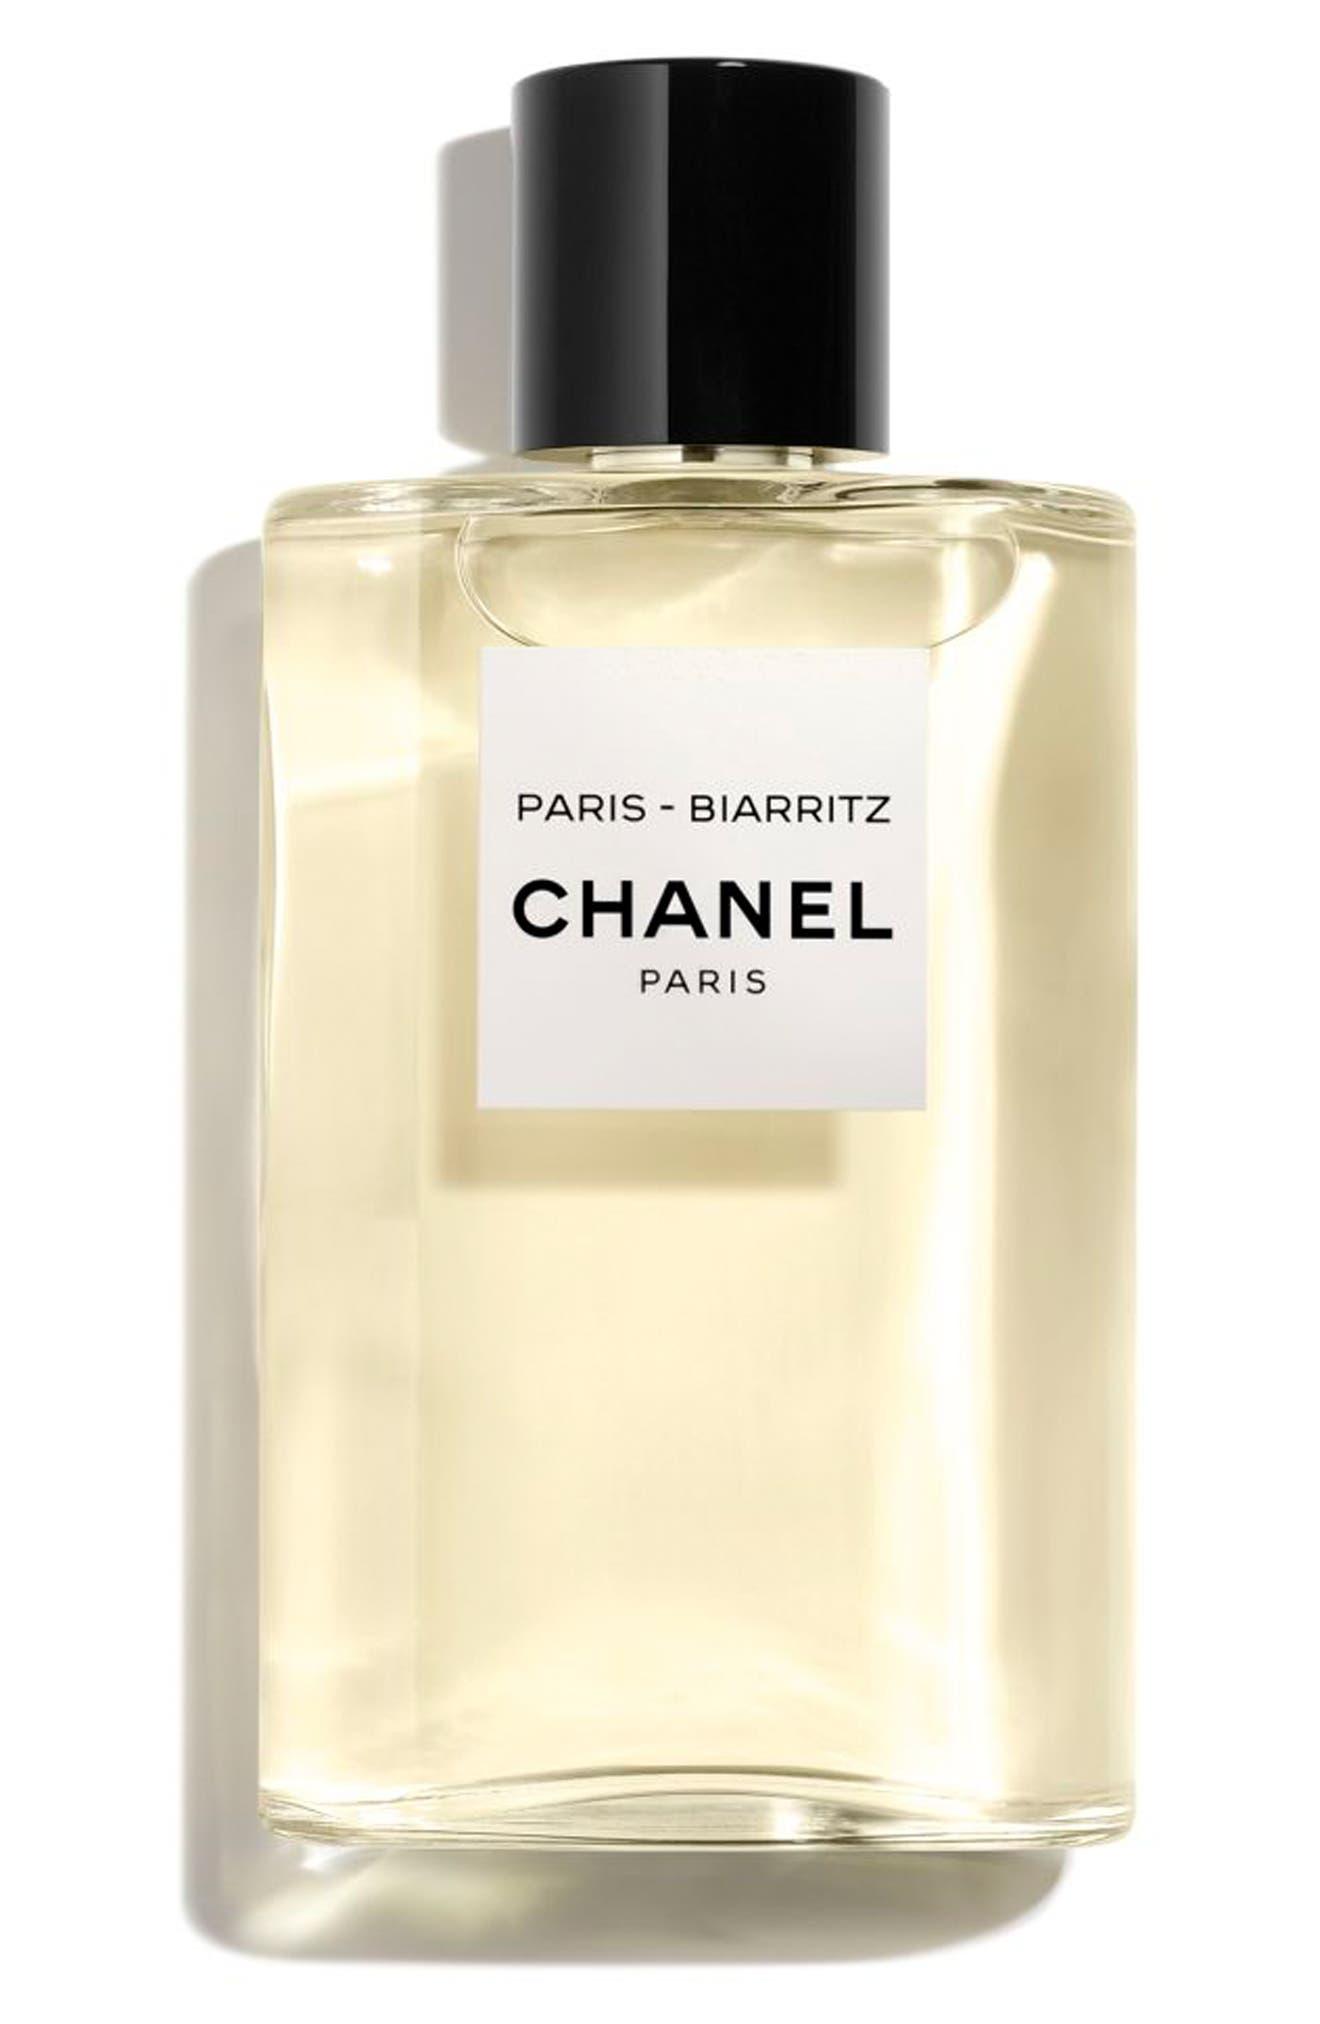 CHANEL LES EAUX DE CHANEL PARIS-BIARRITZ Eau de Toilette, Main, color, NO COLOR